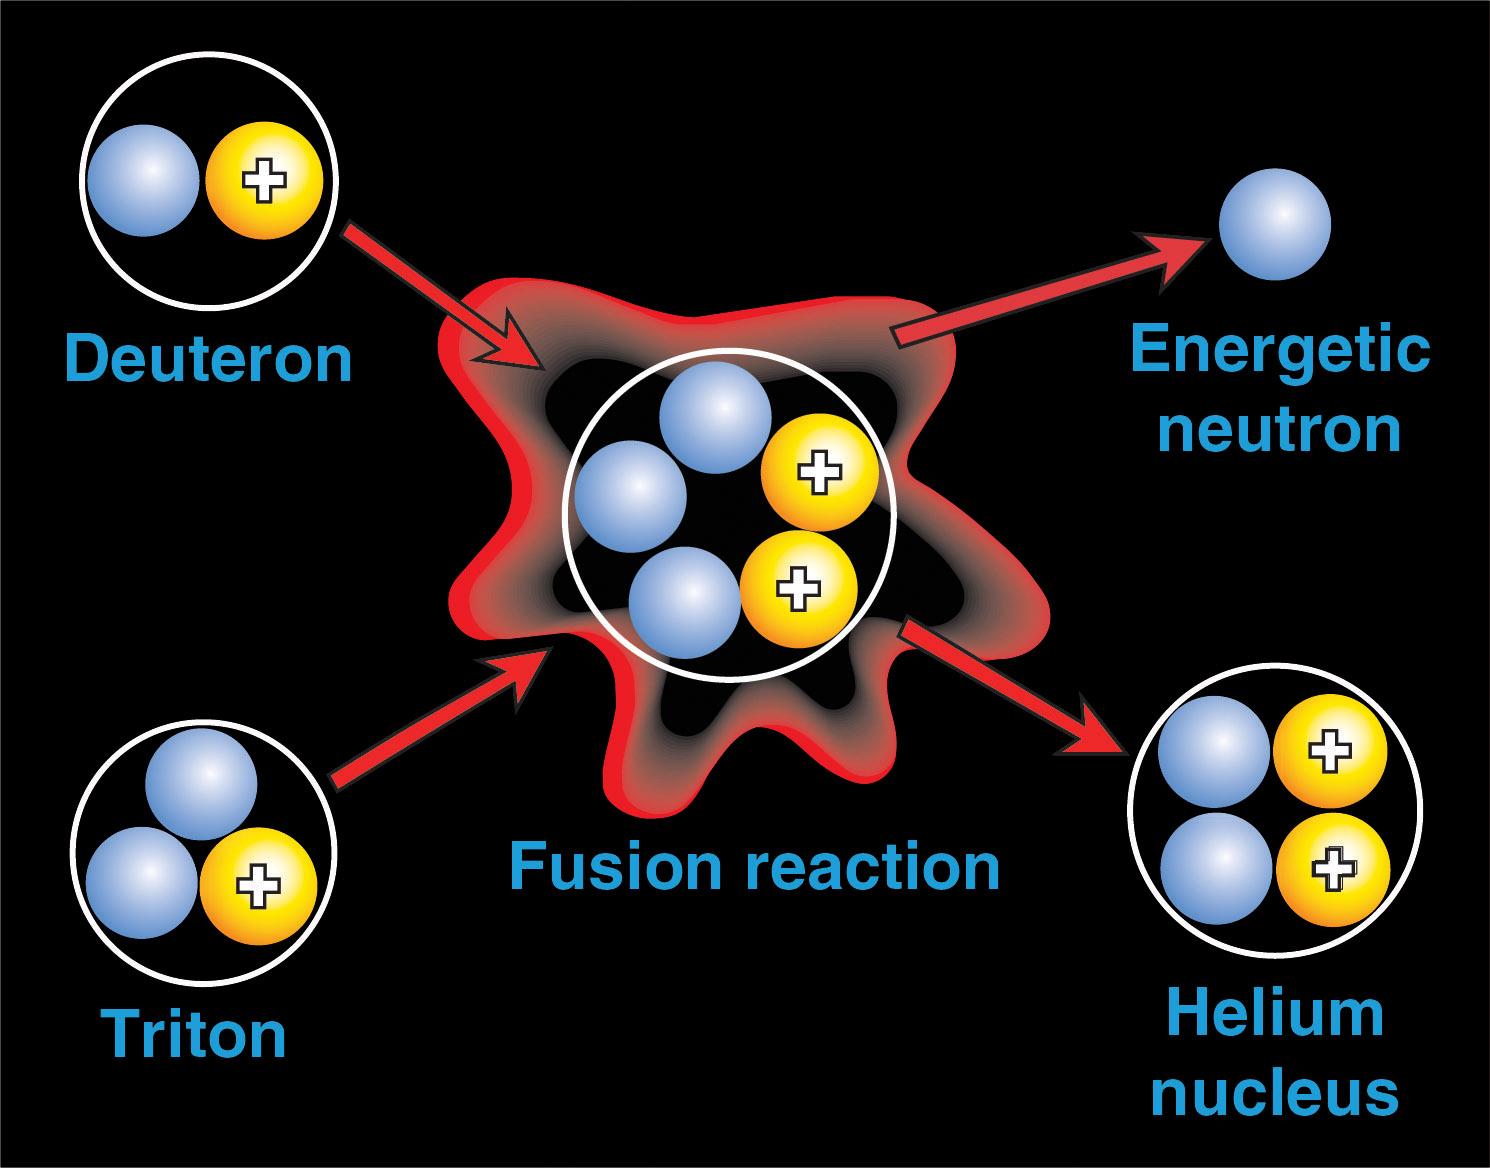 Inertial confinement fusion diagram